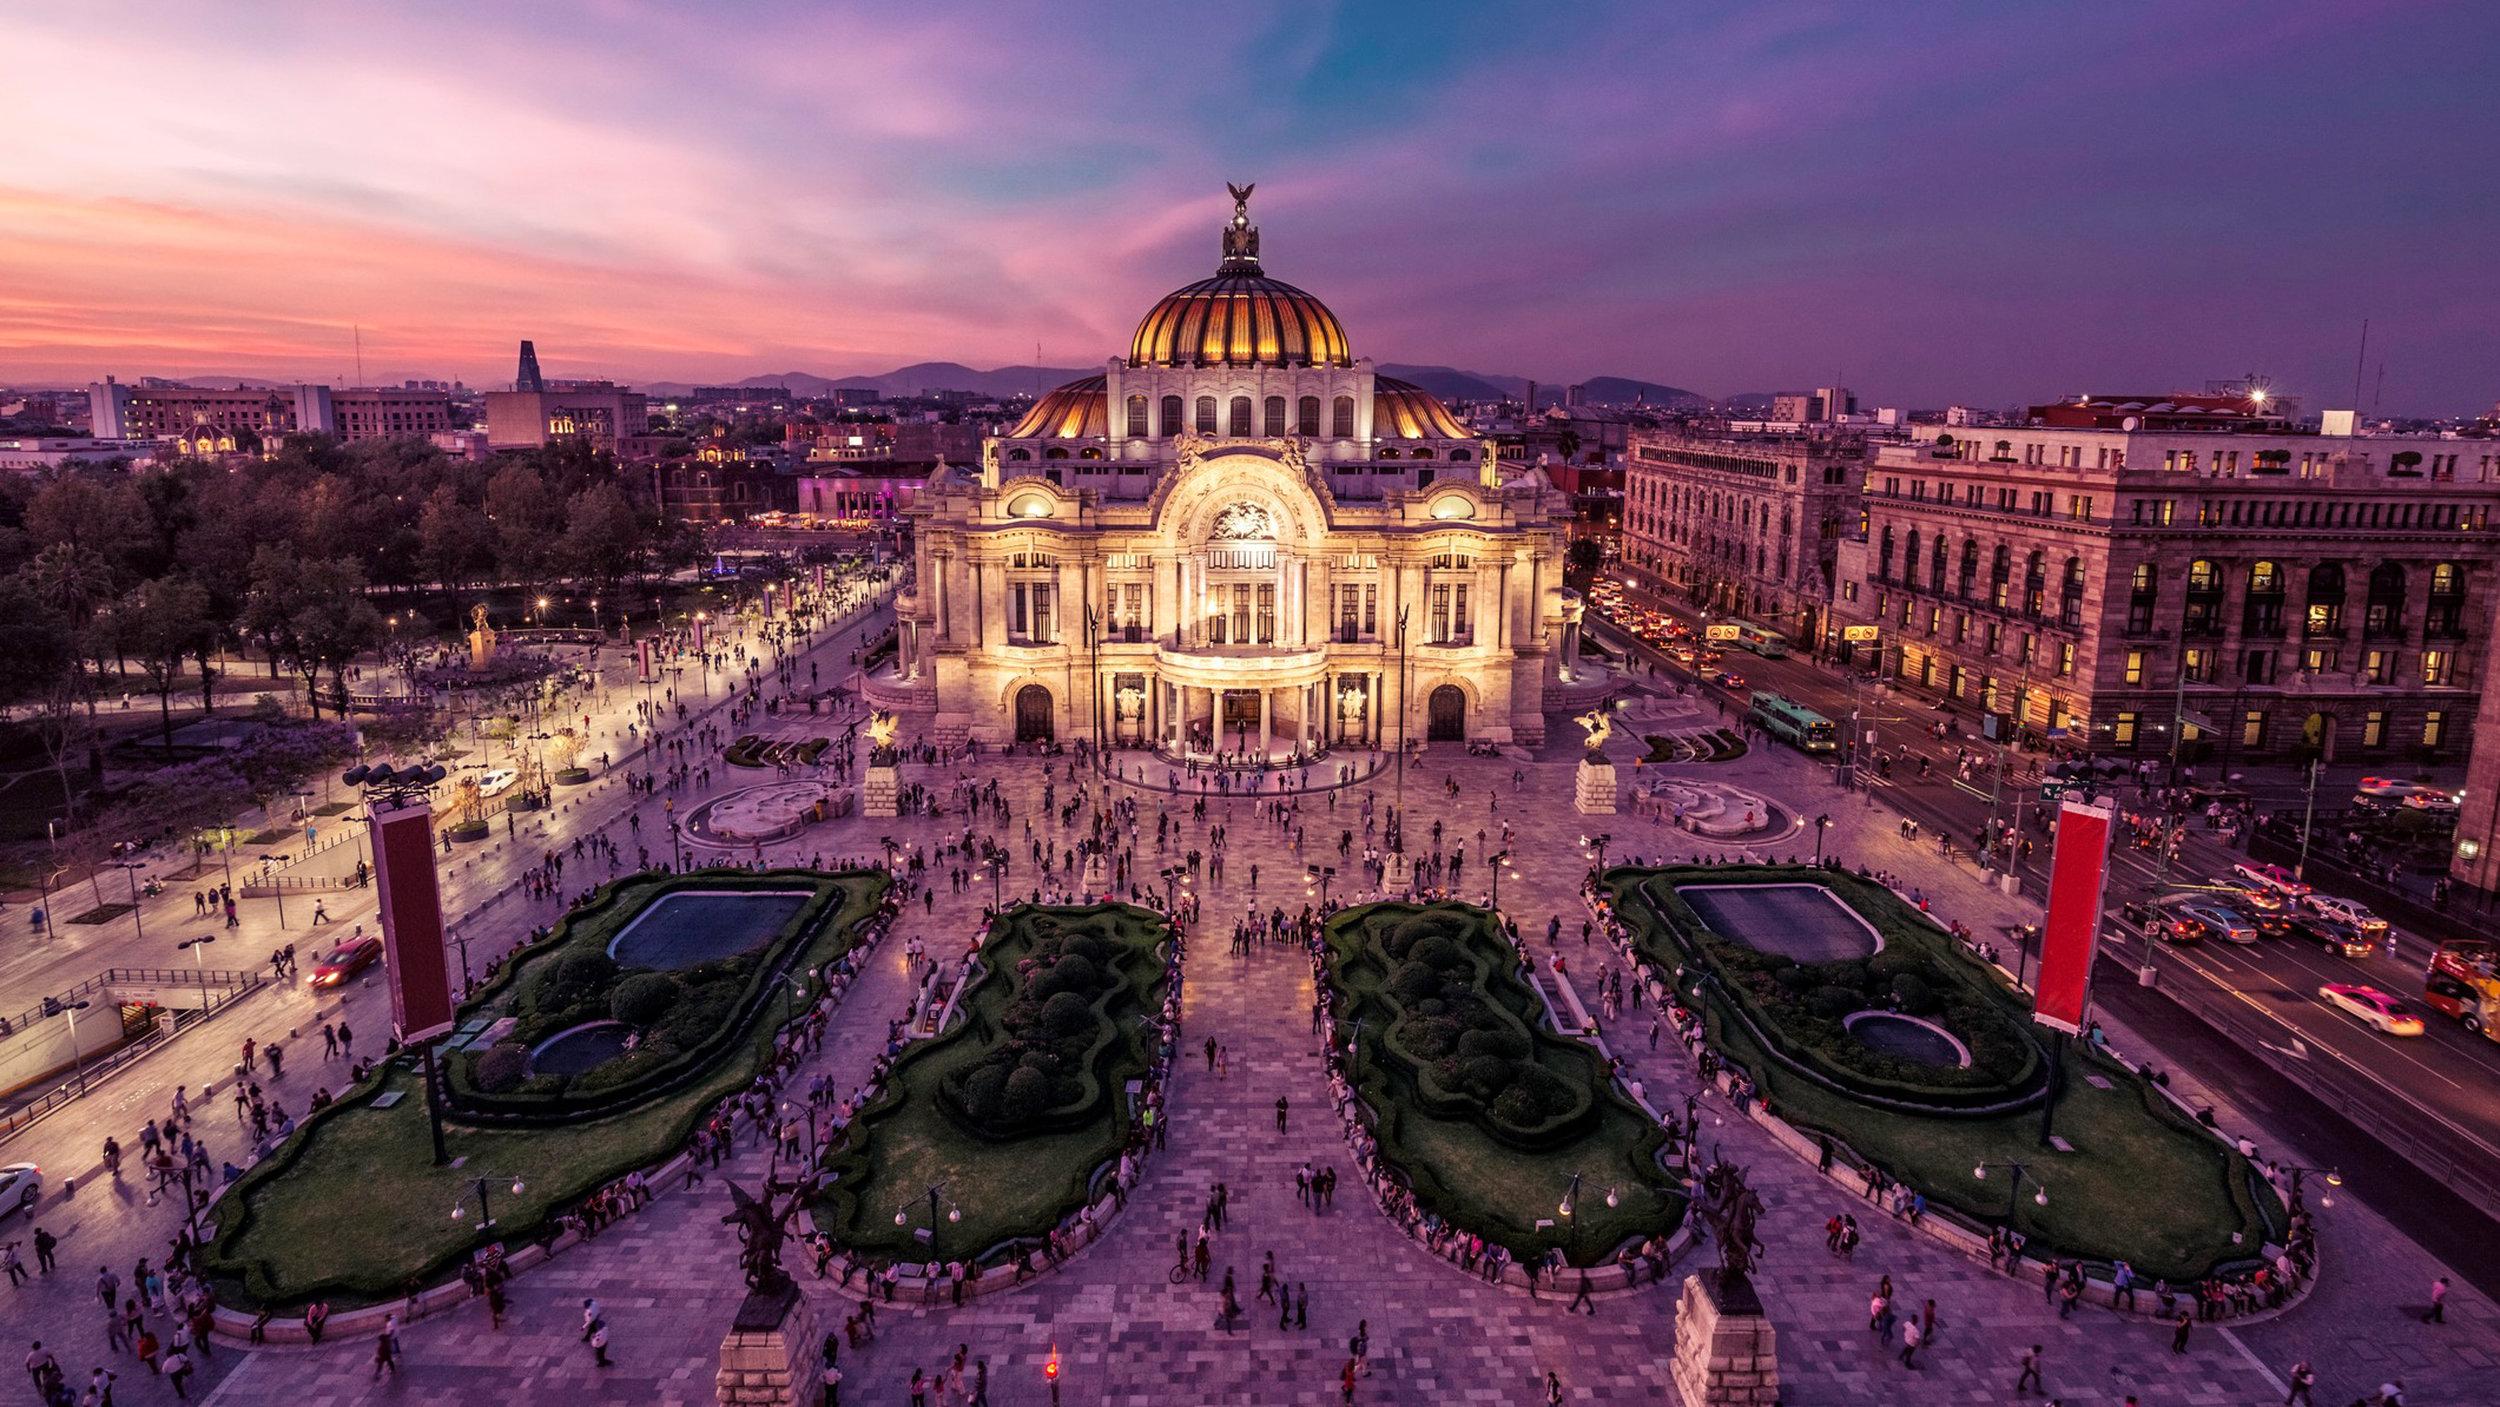 Mexico-City-Mexico-Hero-Image.jpg